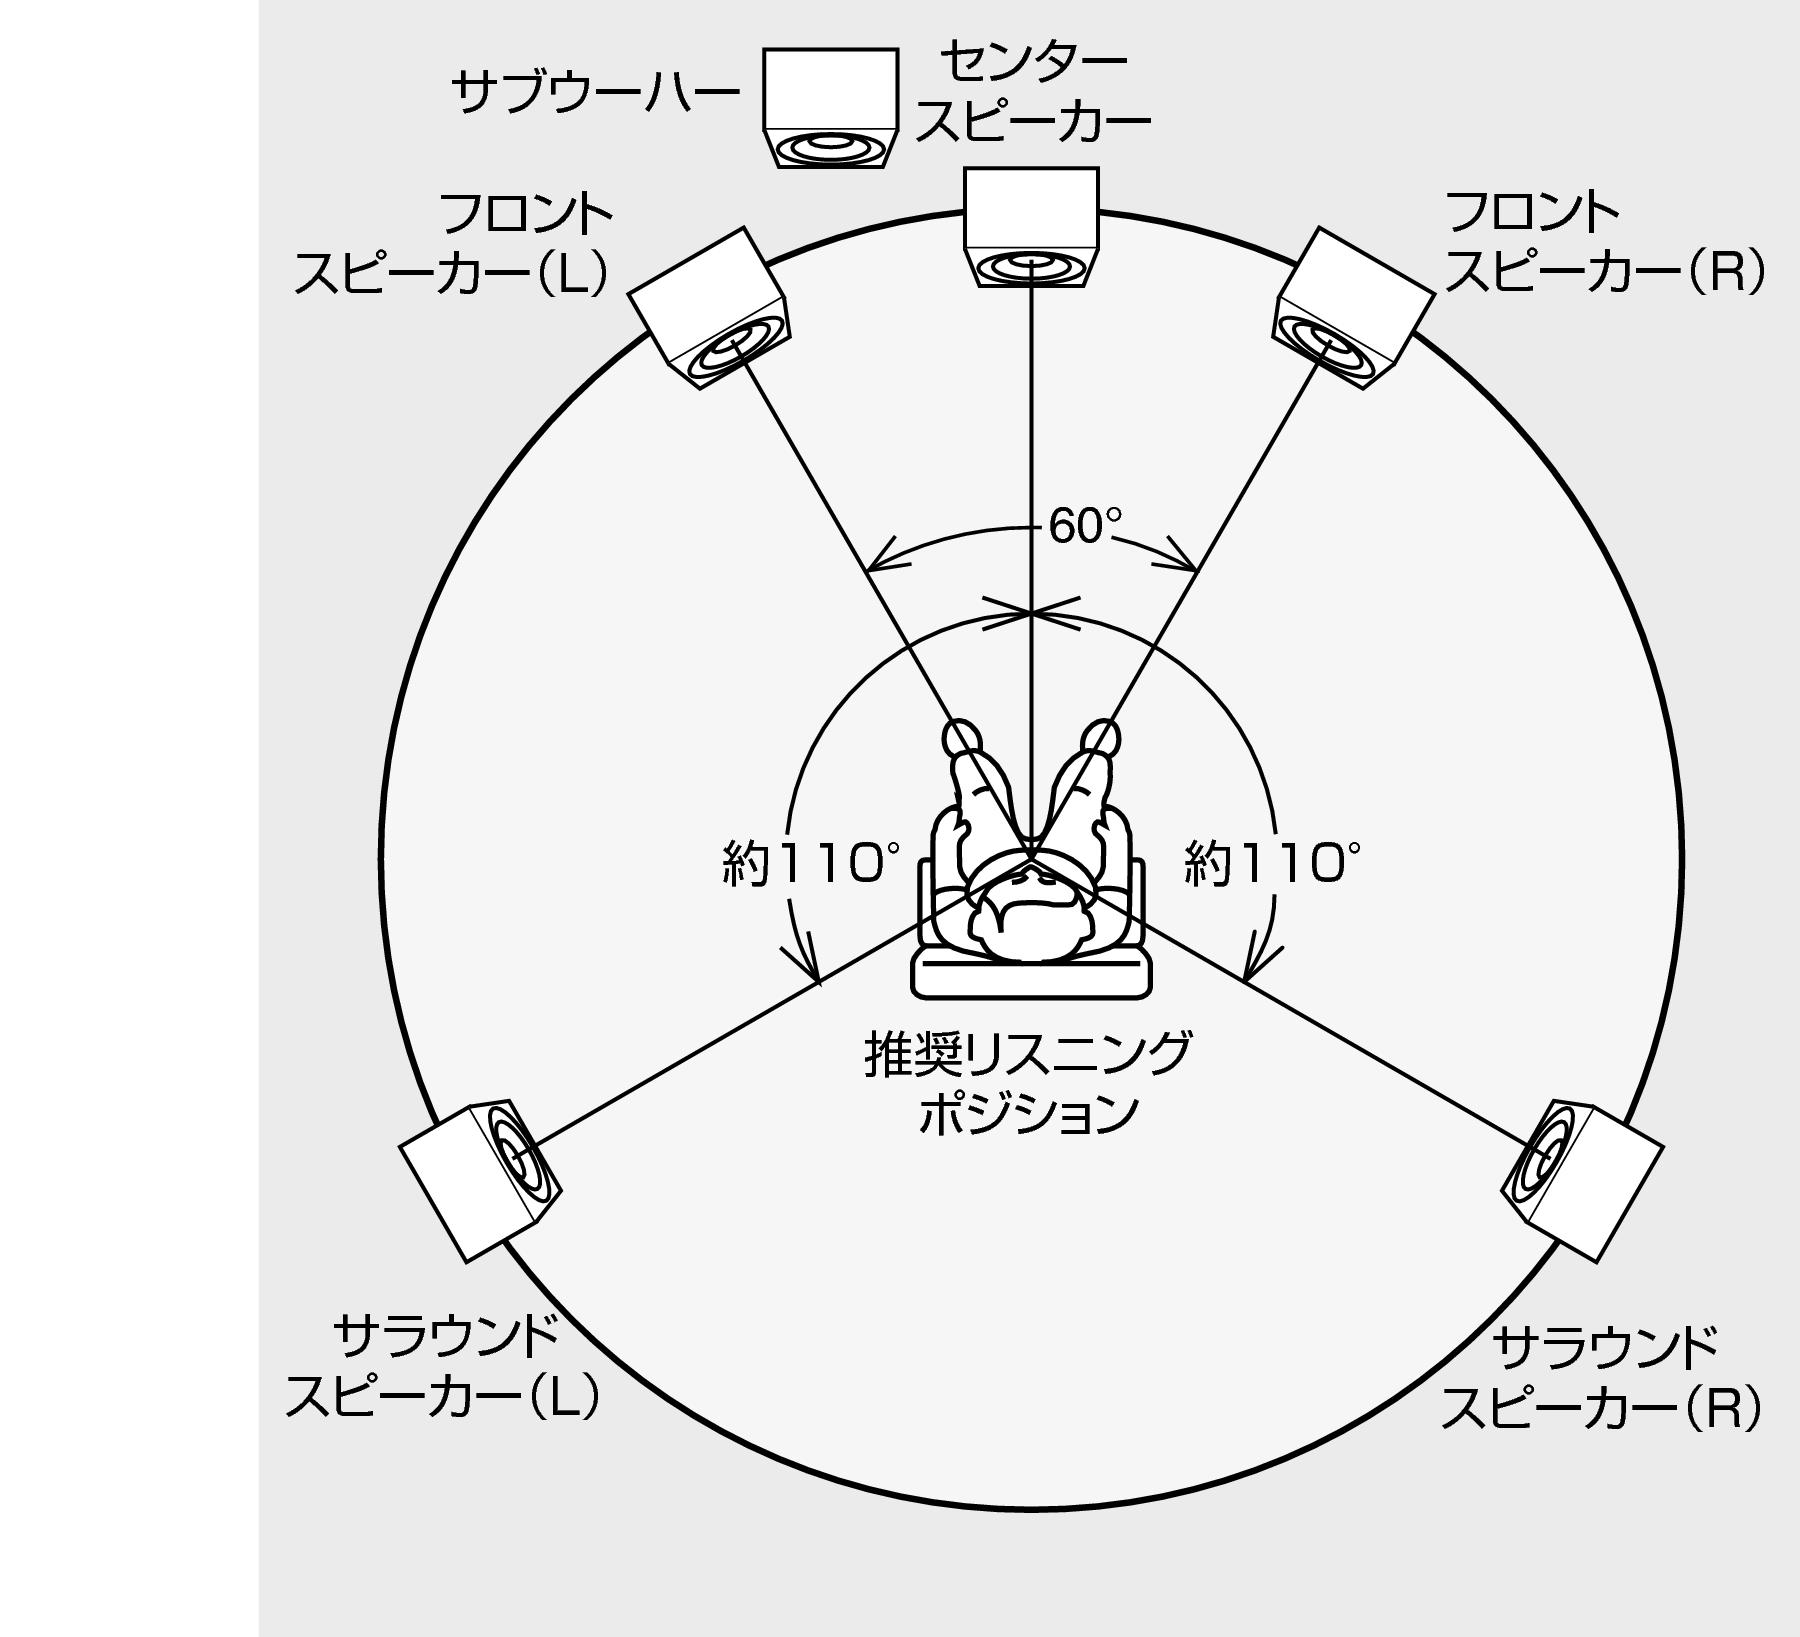 5.1マルチチャンネルの接続 PM-10